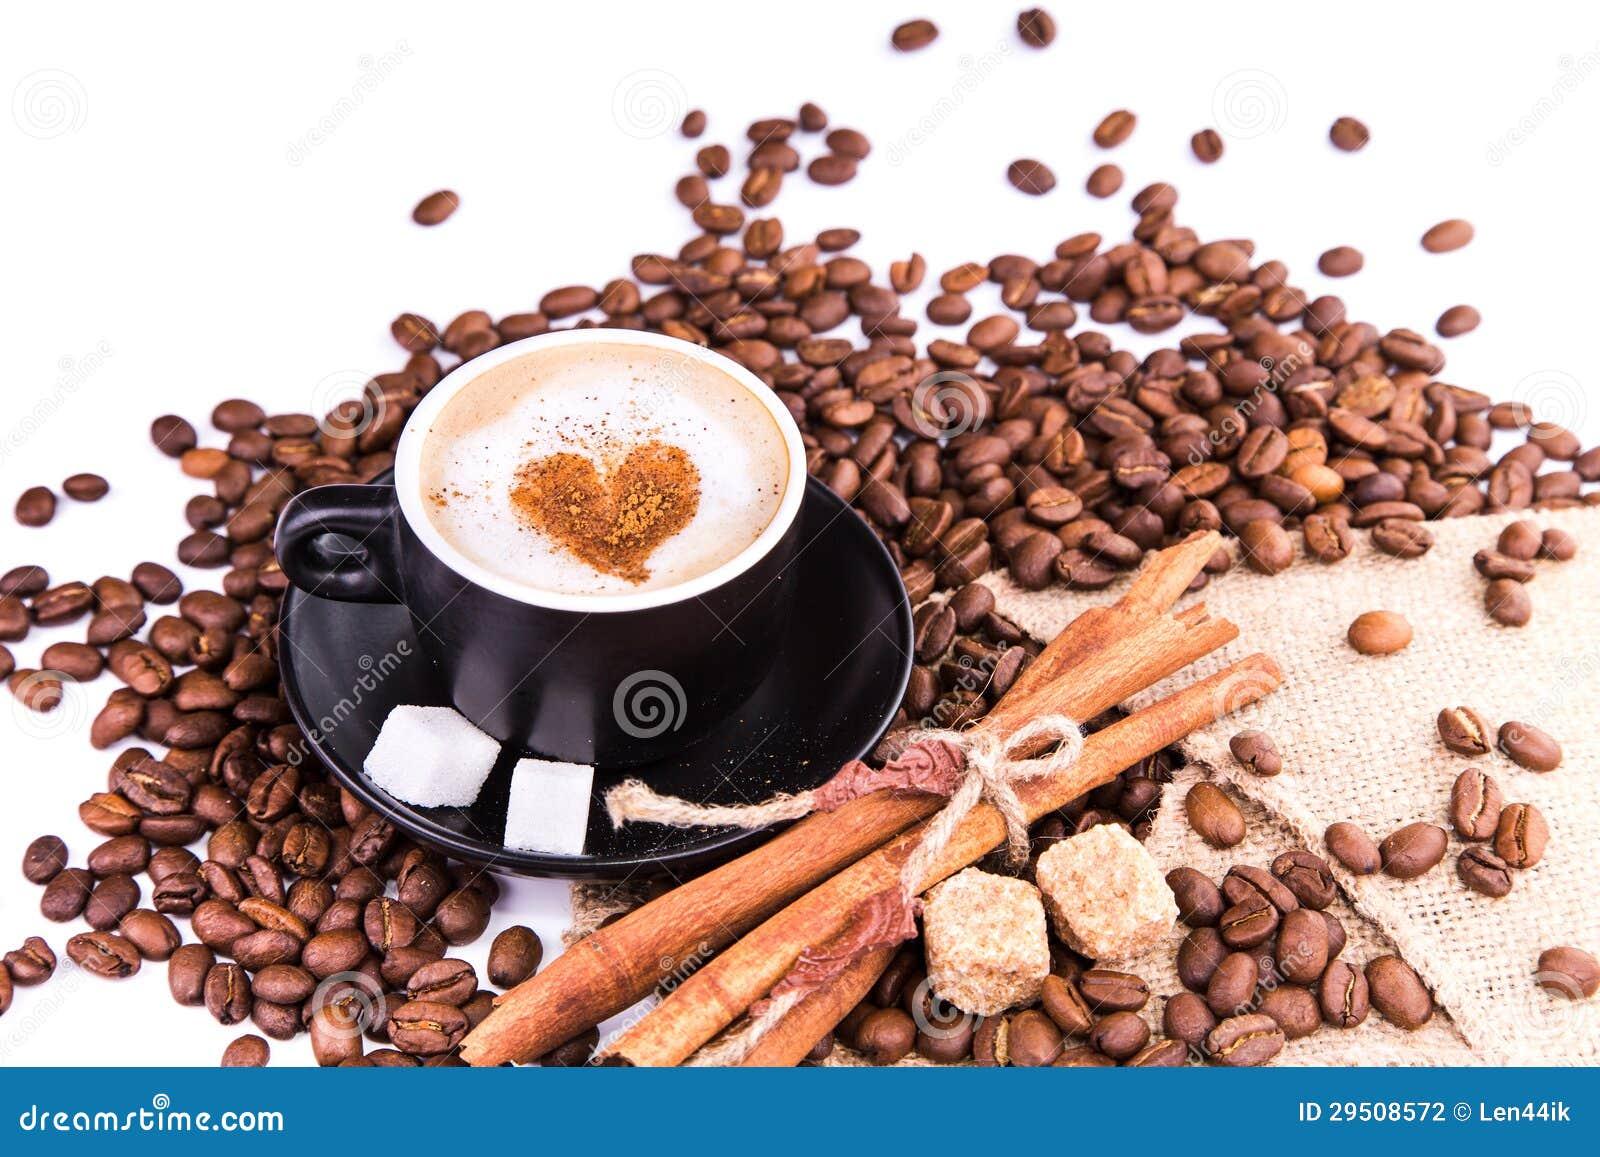 Kop van koffie met een hart. Koffiepauzeconcept.